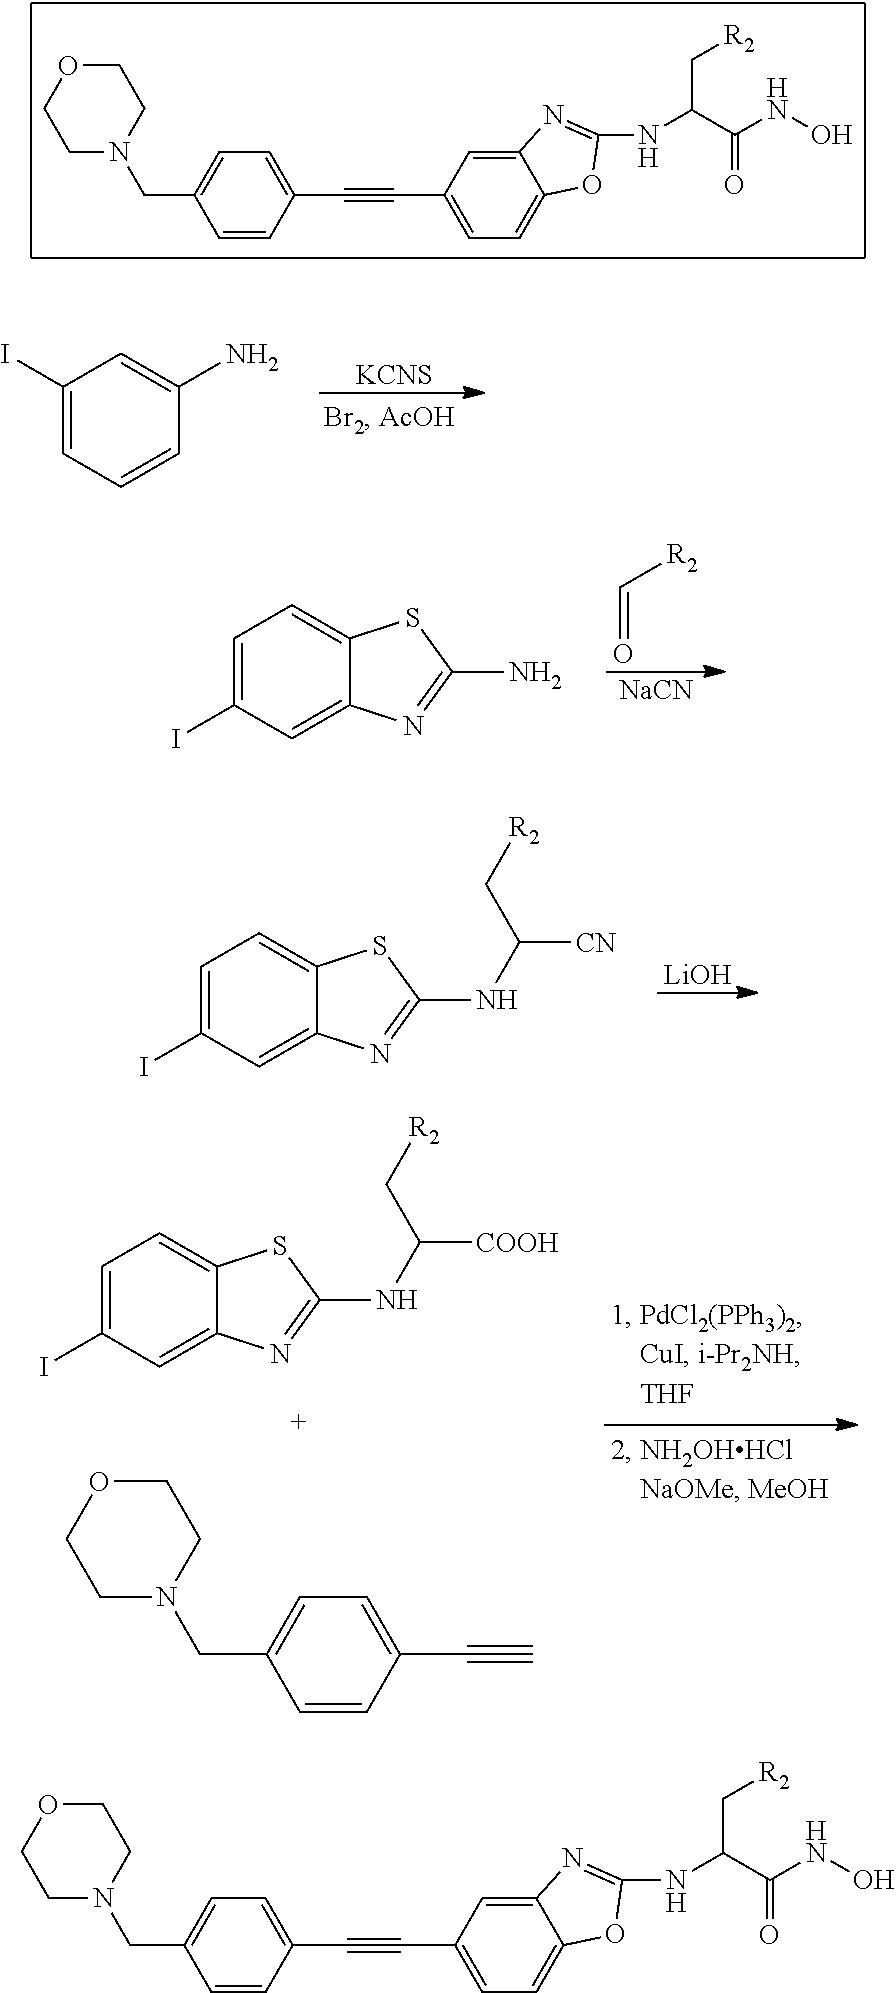 Figure US09617256-20170411-C00121